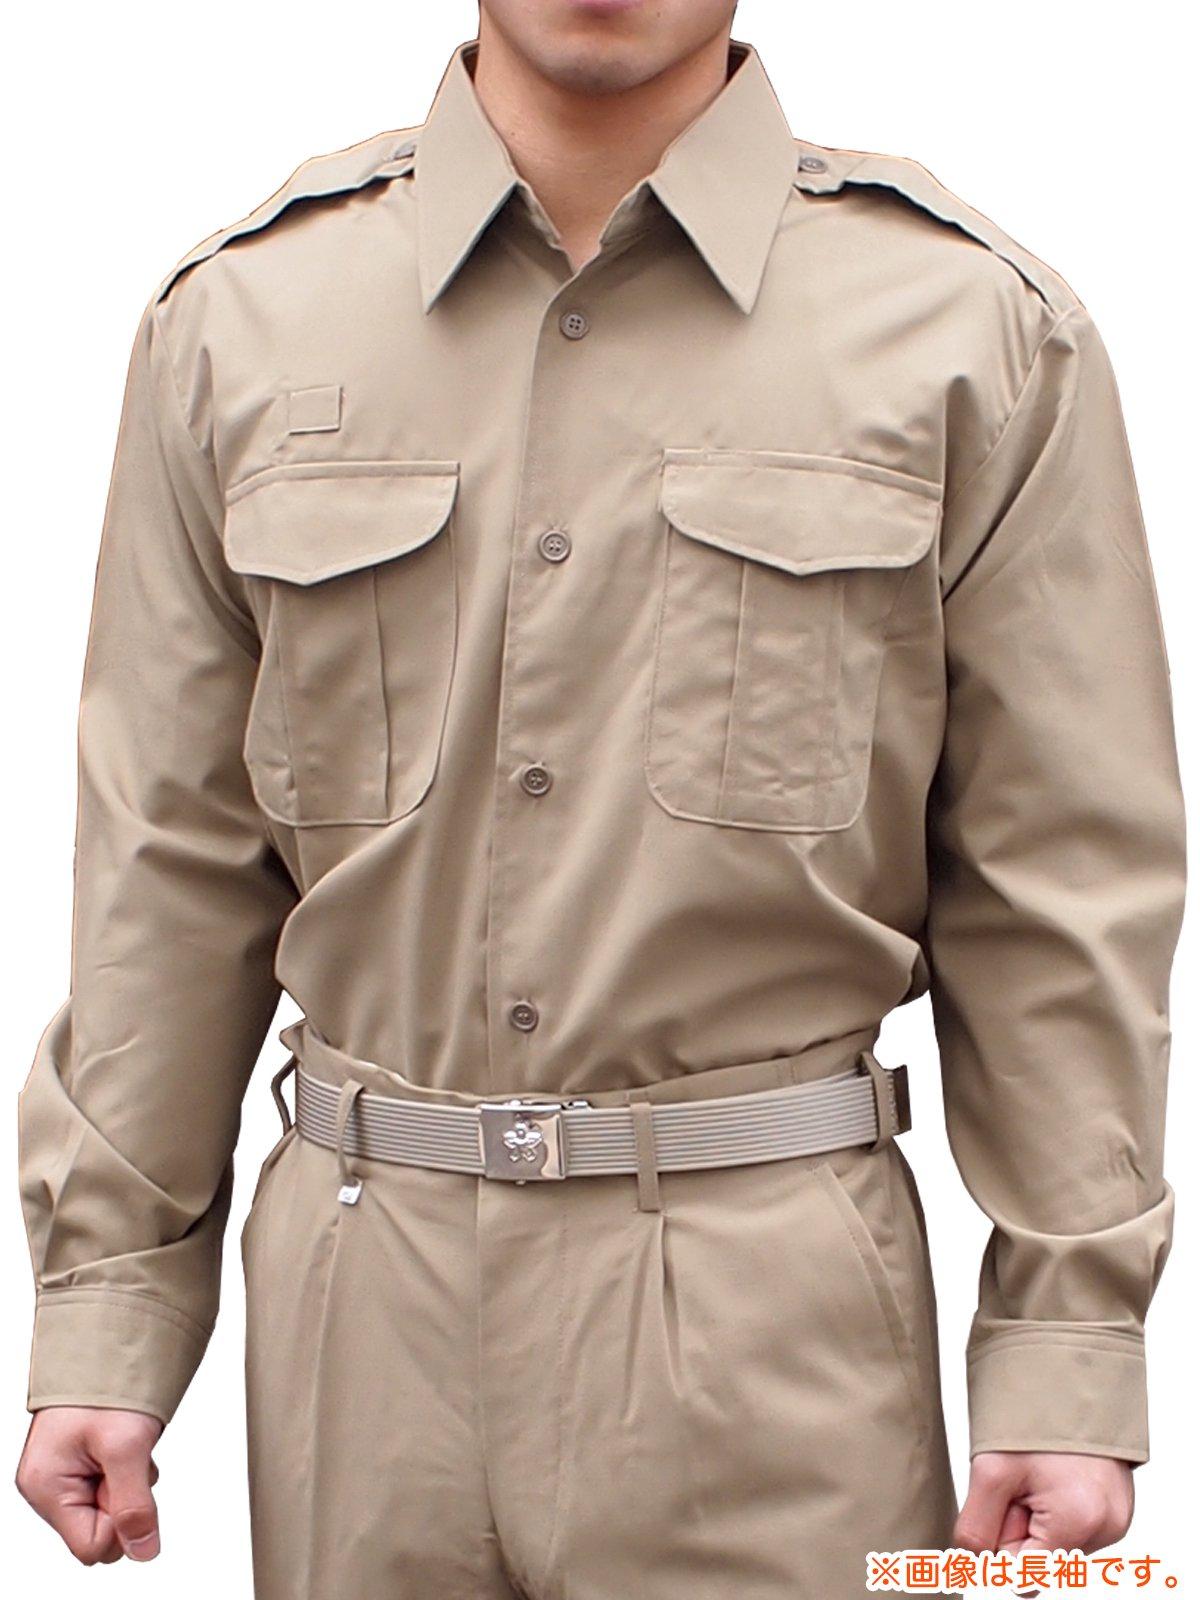 消防盛夏服(カーキ)カッター半袖上衣